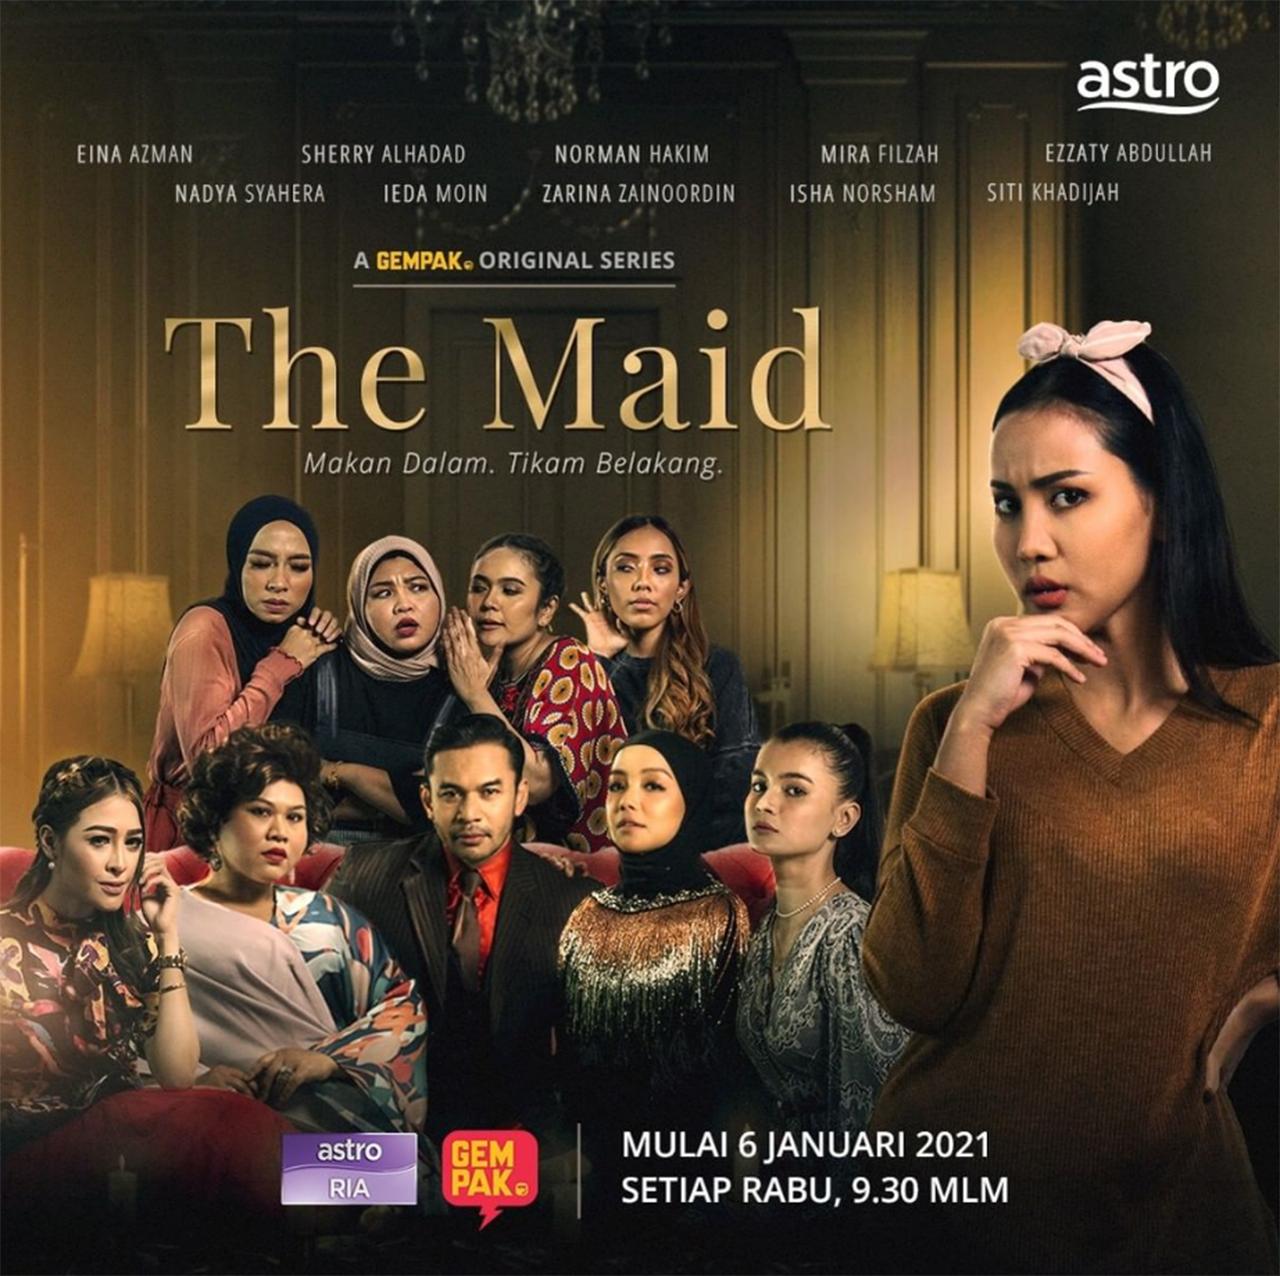 Drama The Maid (Astro Ria)